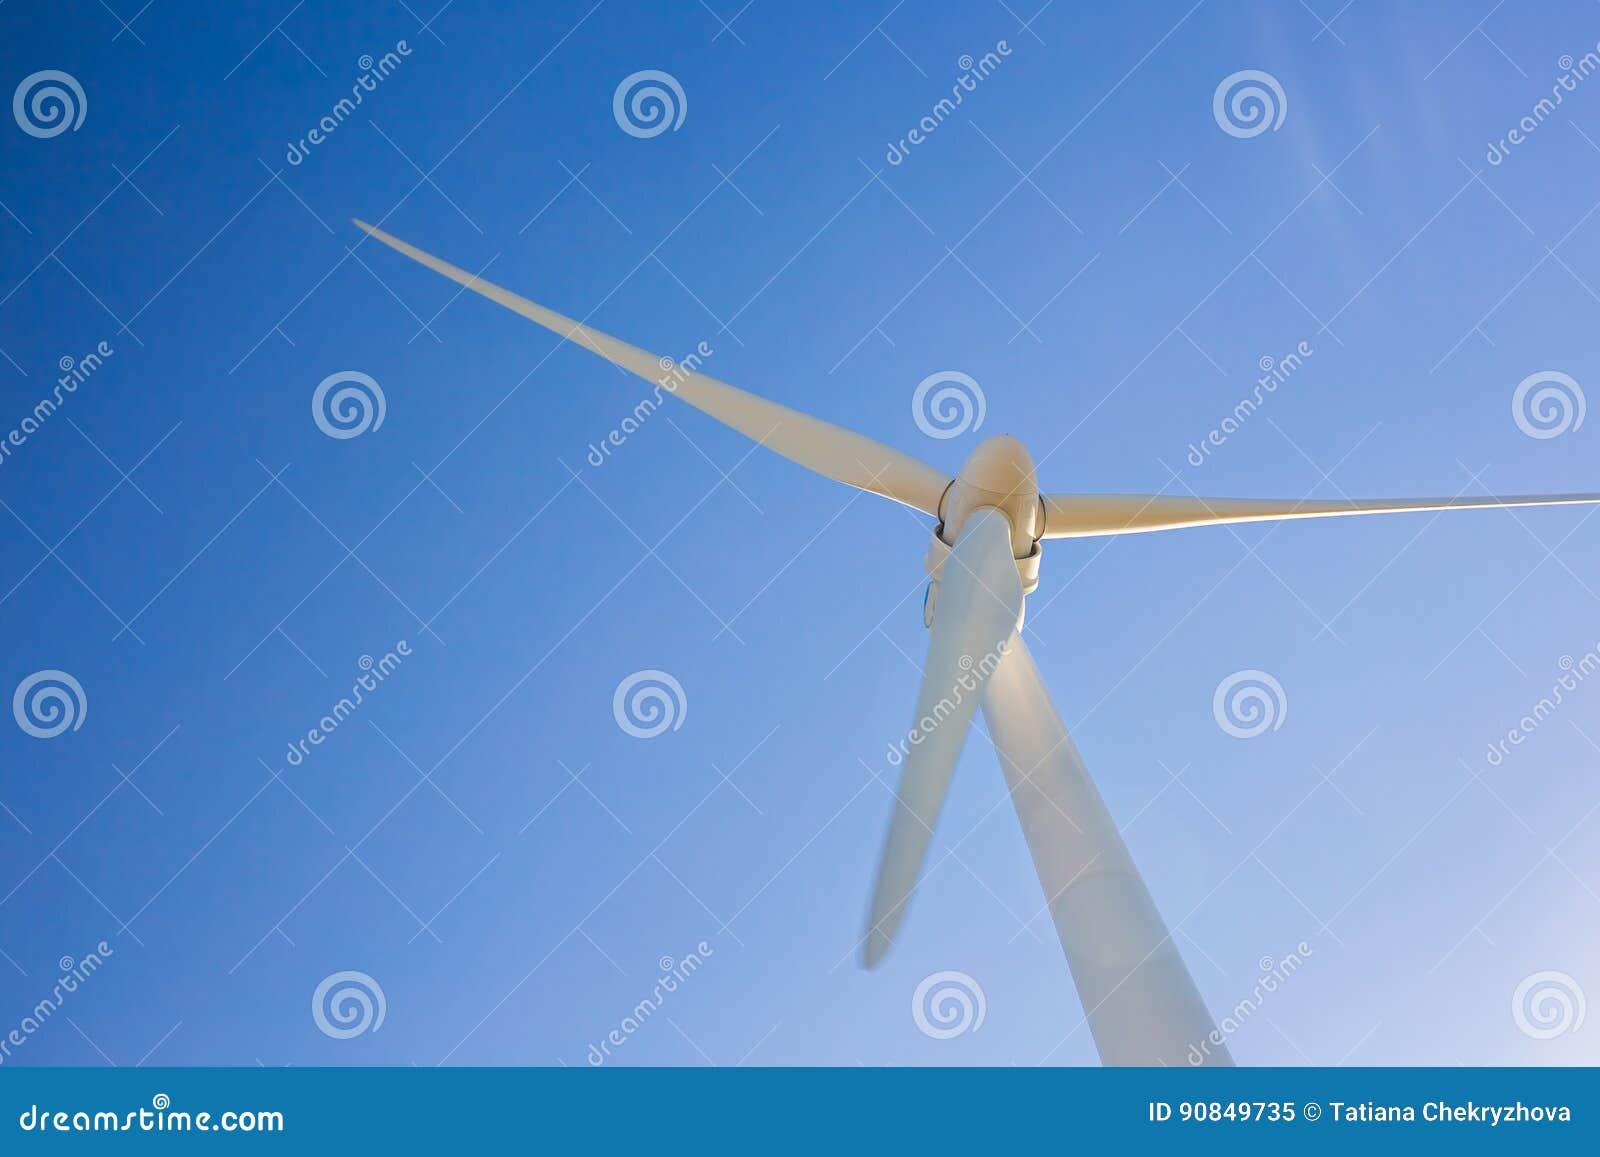 Ветротурбина производя электричество с голубым небом - концепцию сбережений энергии